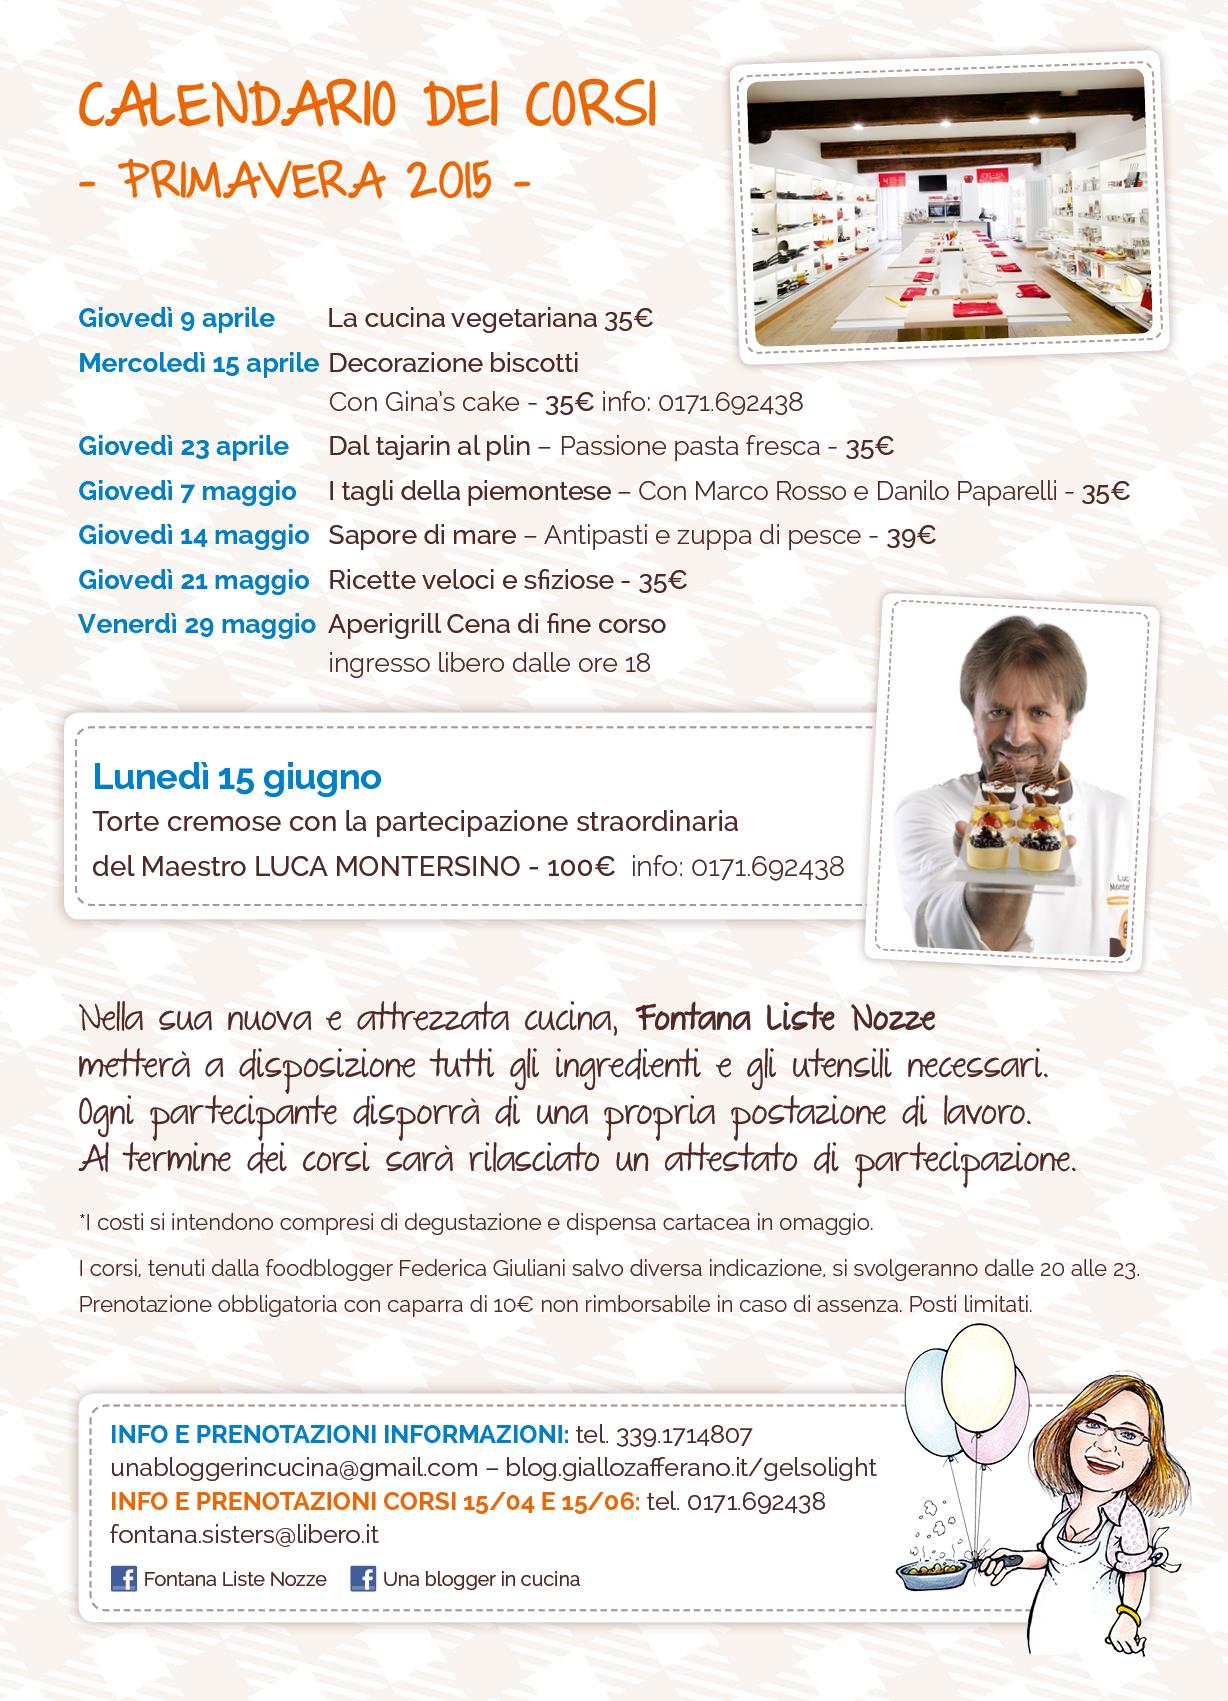 Corsi di cucina 2015 presso fontana liste nozze cuneo - Corsi cucina cuneo ...